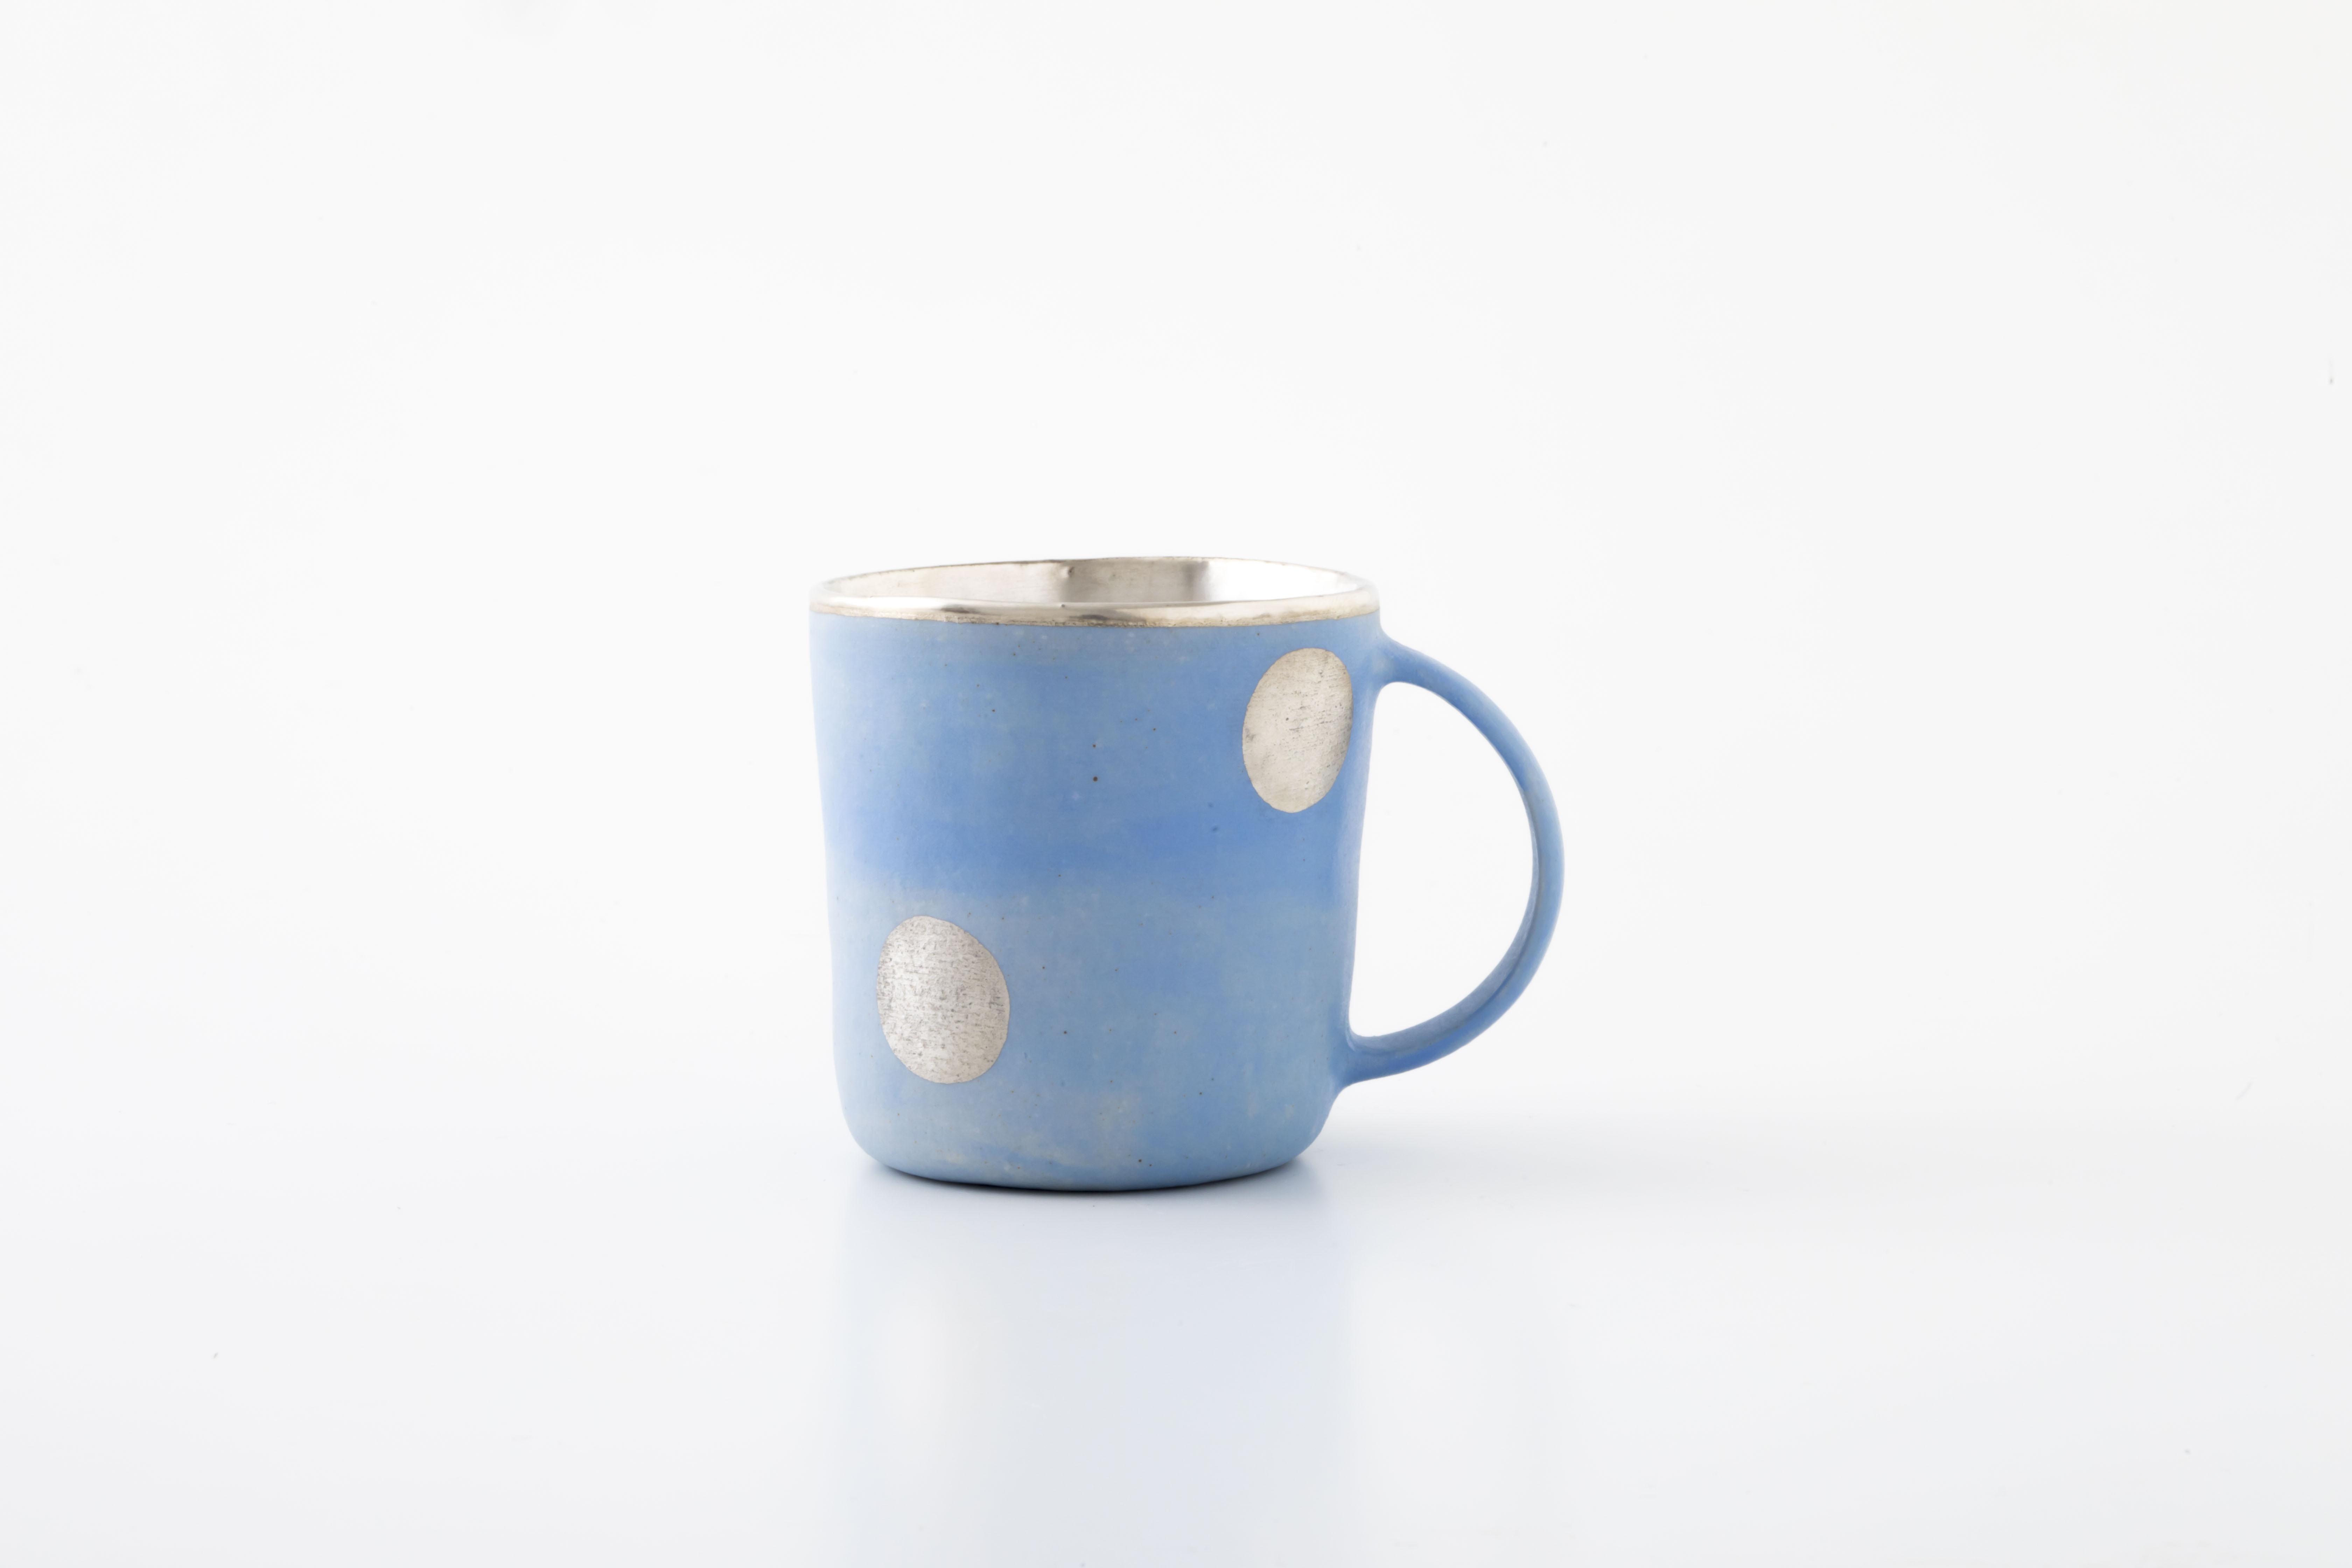 マグカップ:水色(銀彩・ドット・02) / 中囿義光